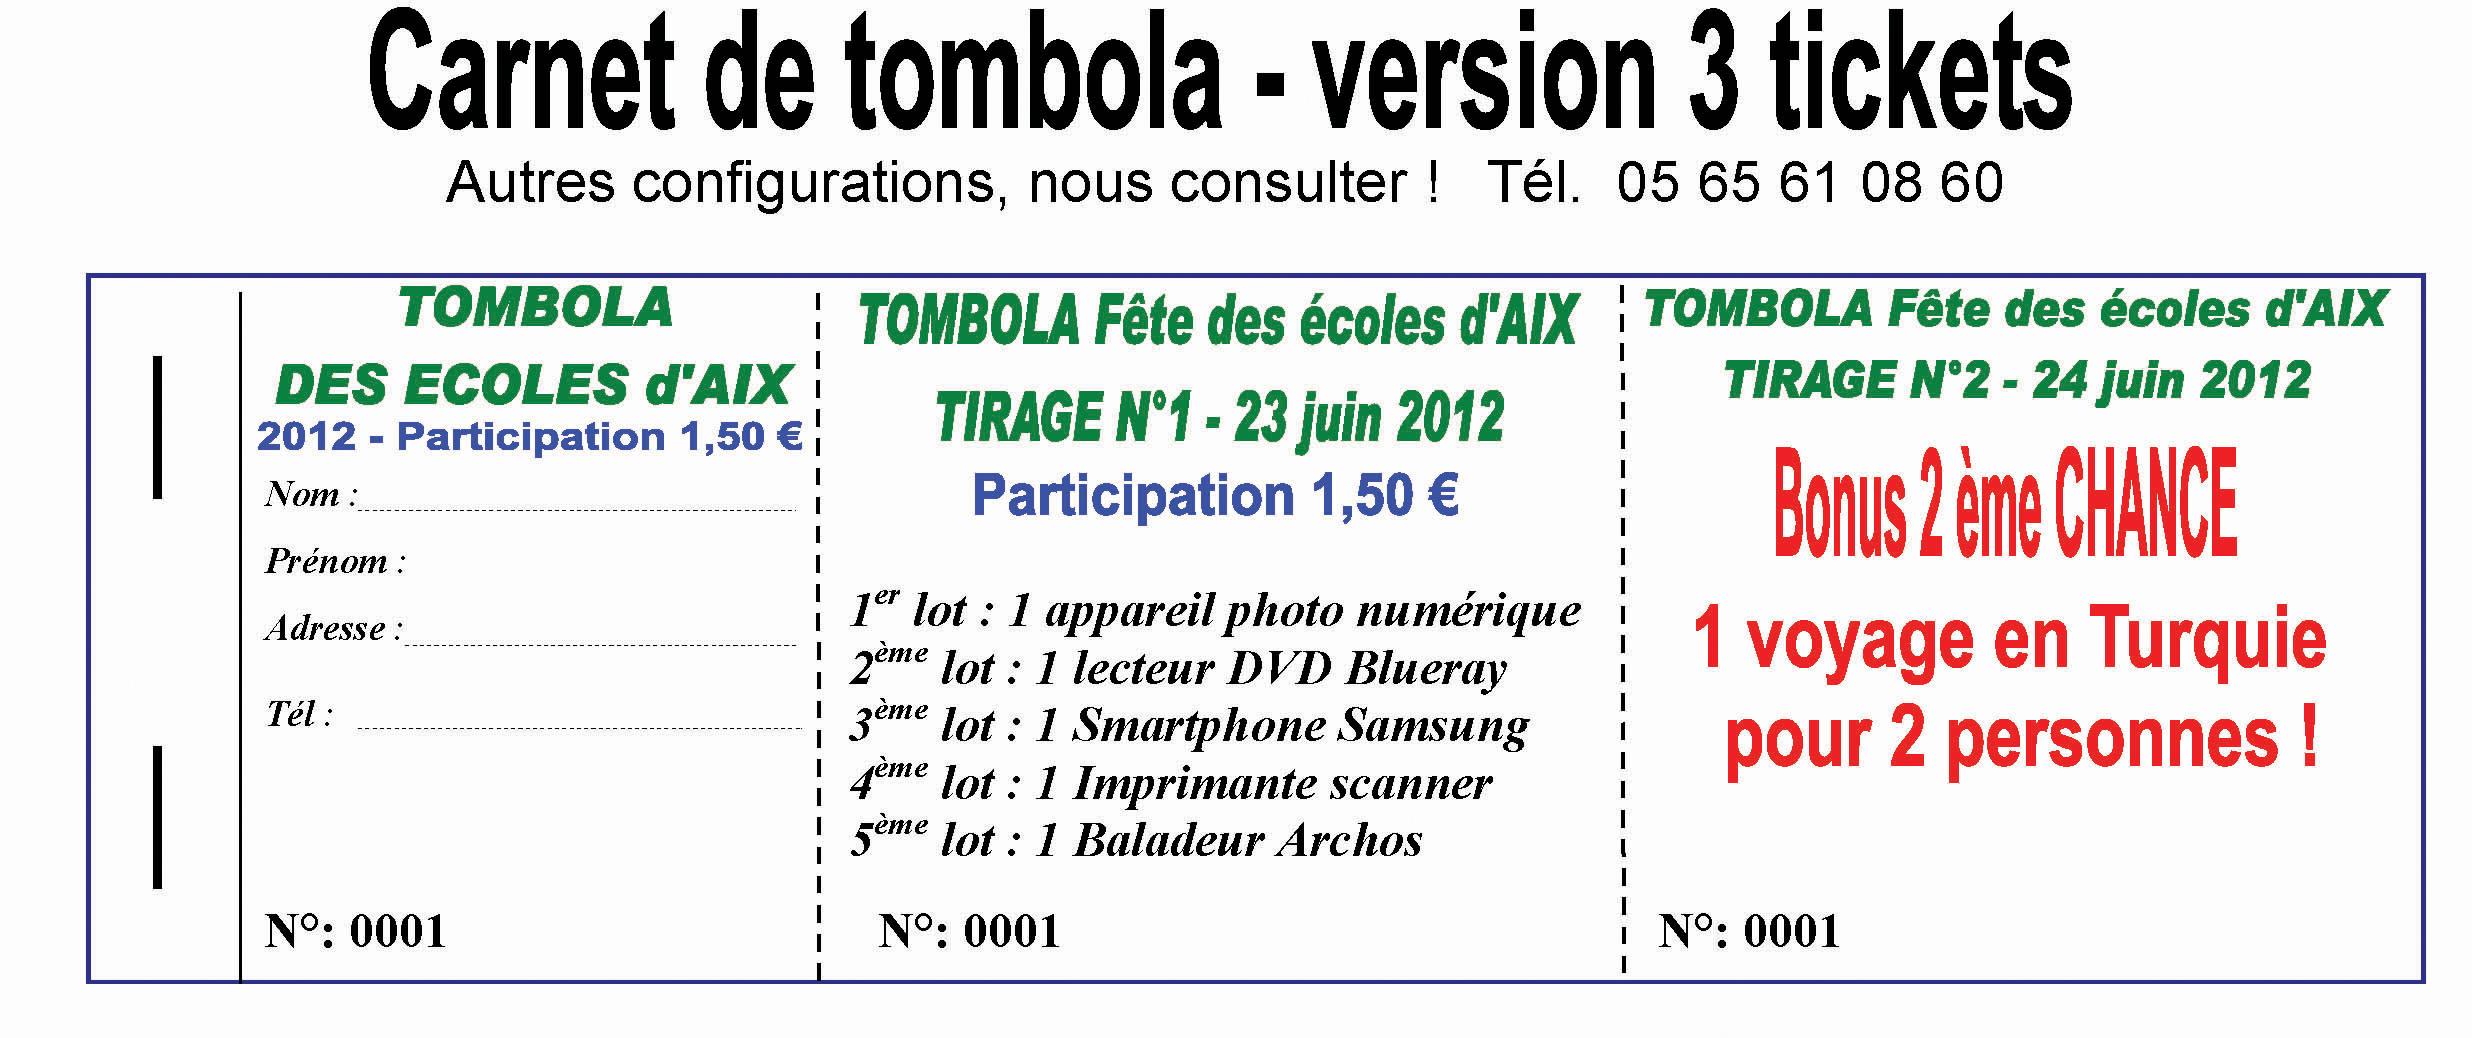 Carnets de billetterie carnets de tombola carnets de titre transportimap imprimerie - Salon creation et savoir faire billet gratuit ...